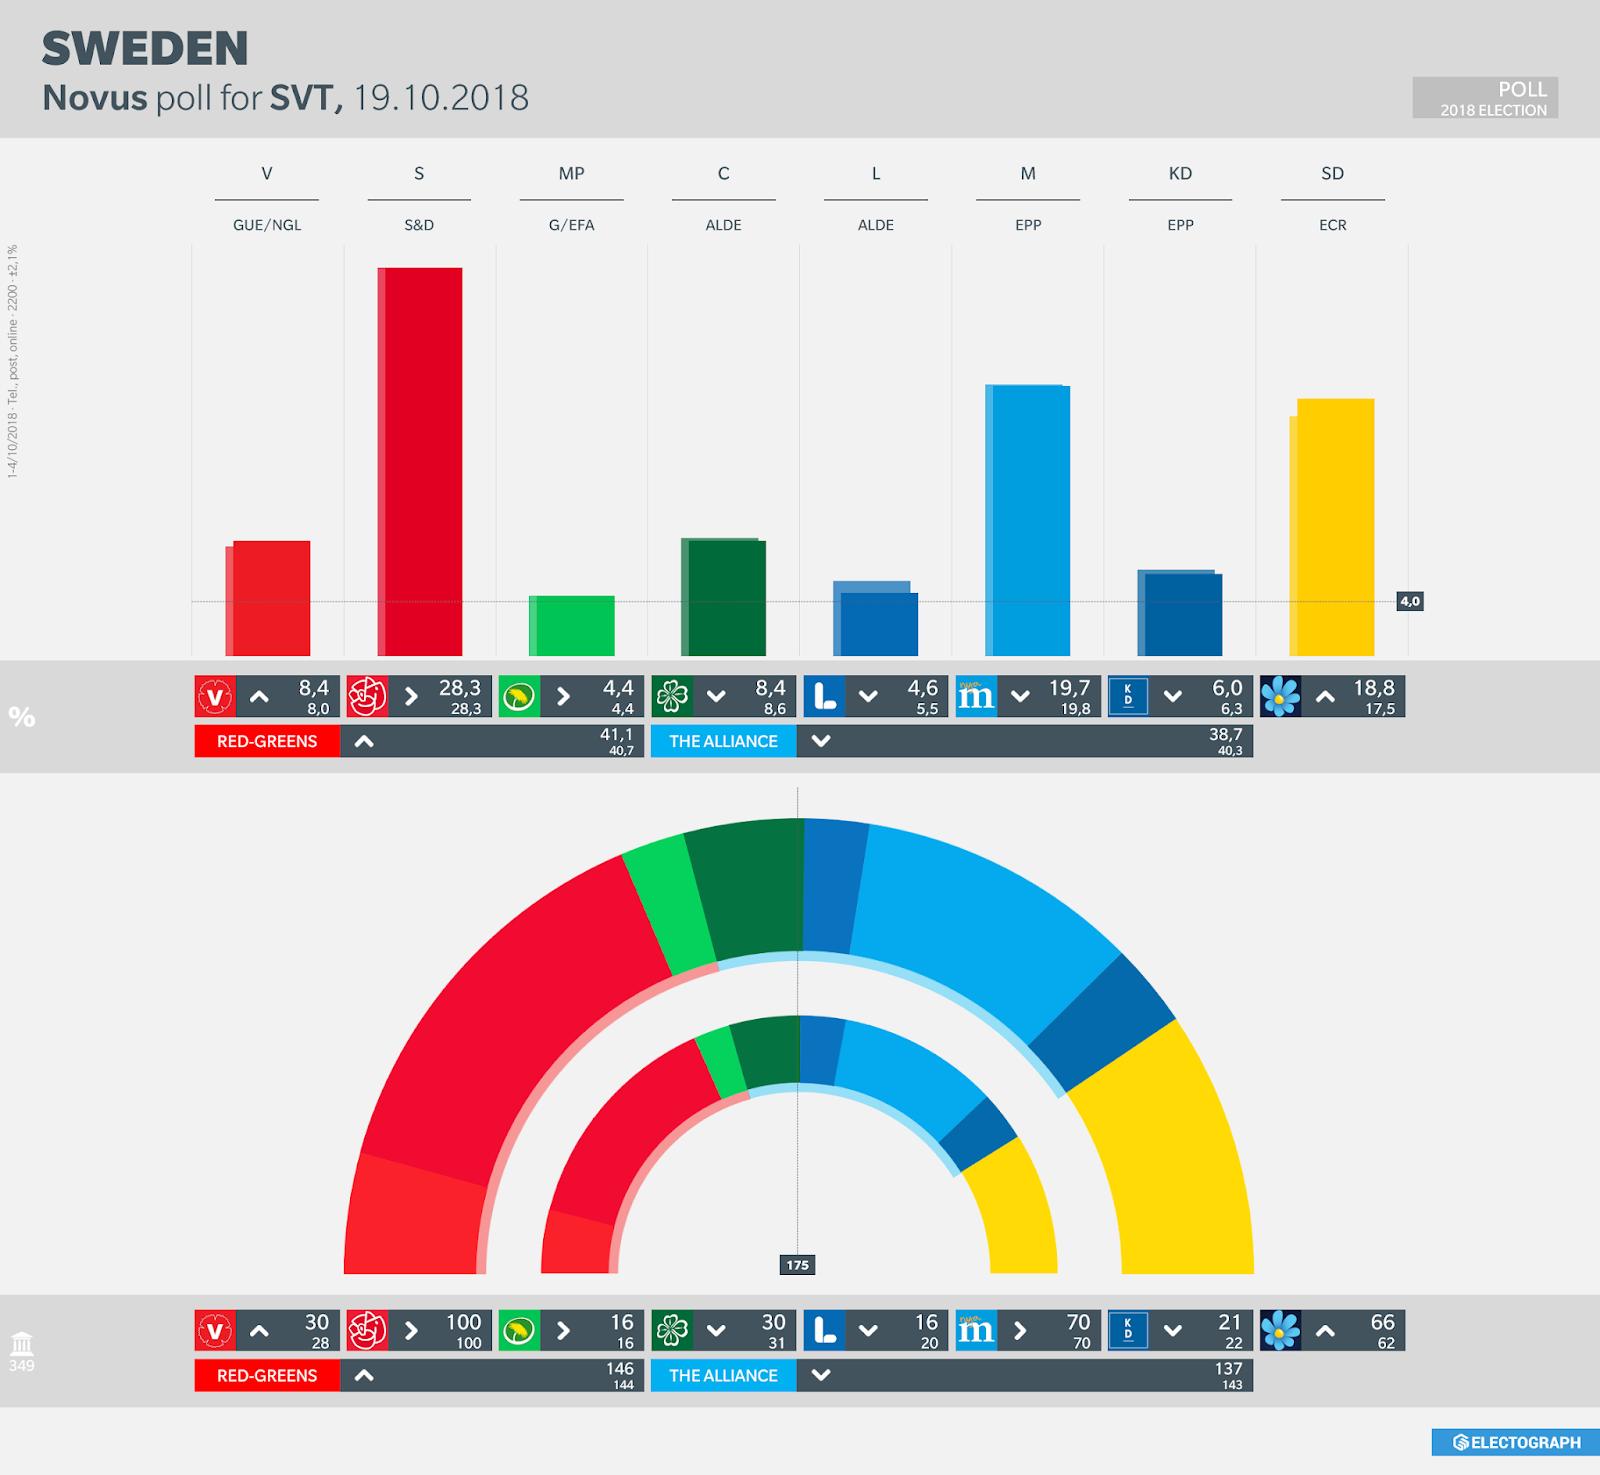 SWEDEN: Novus poll chart for SVT, October 2018